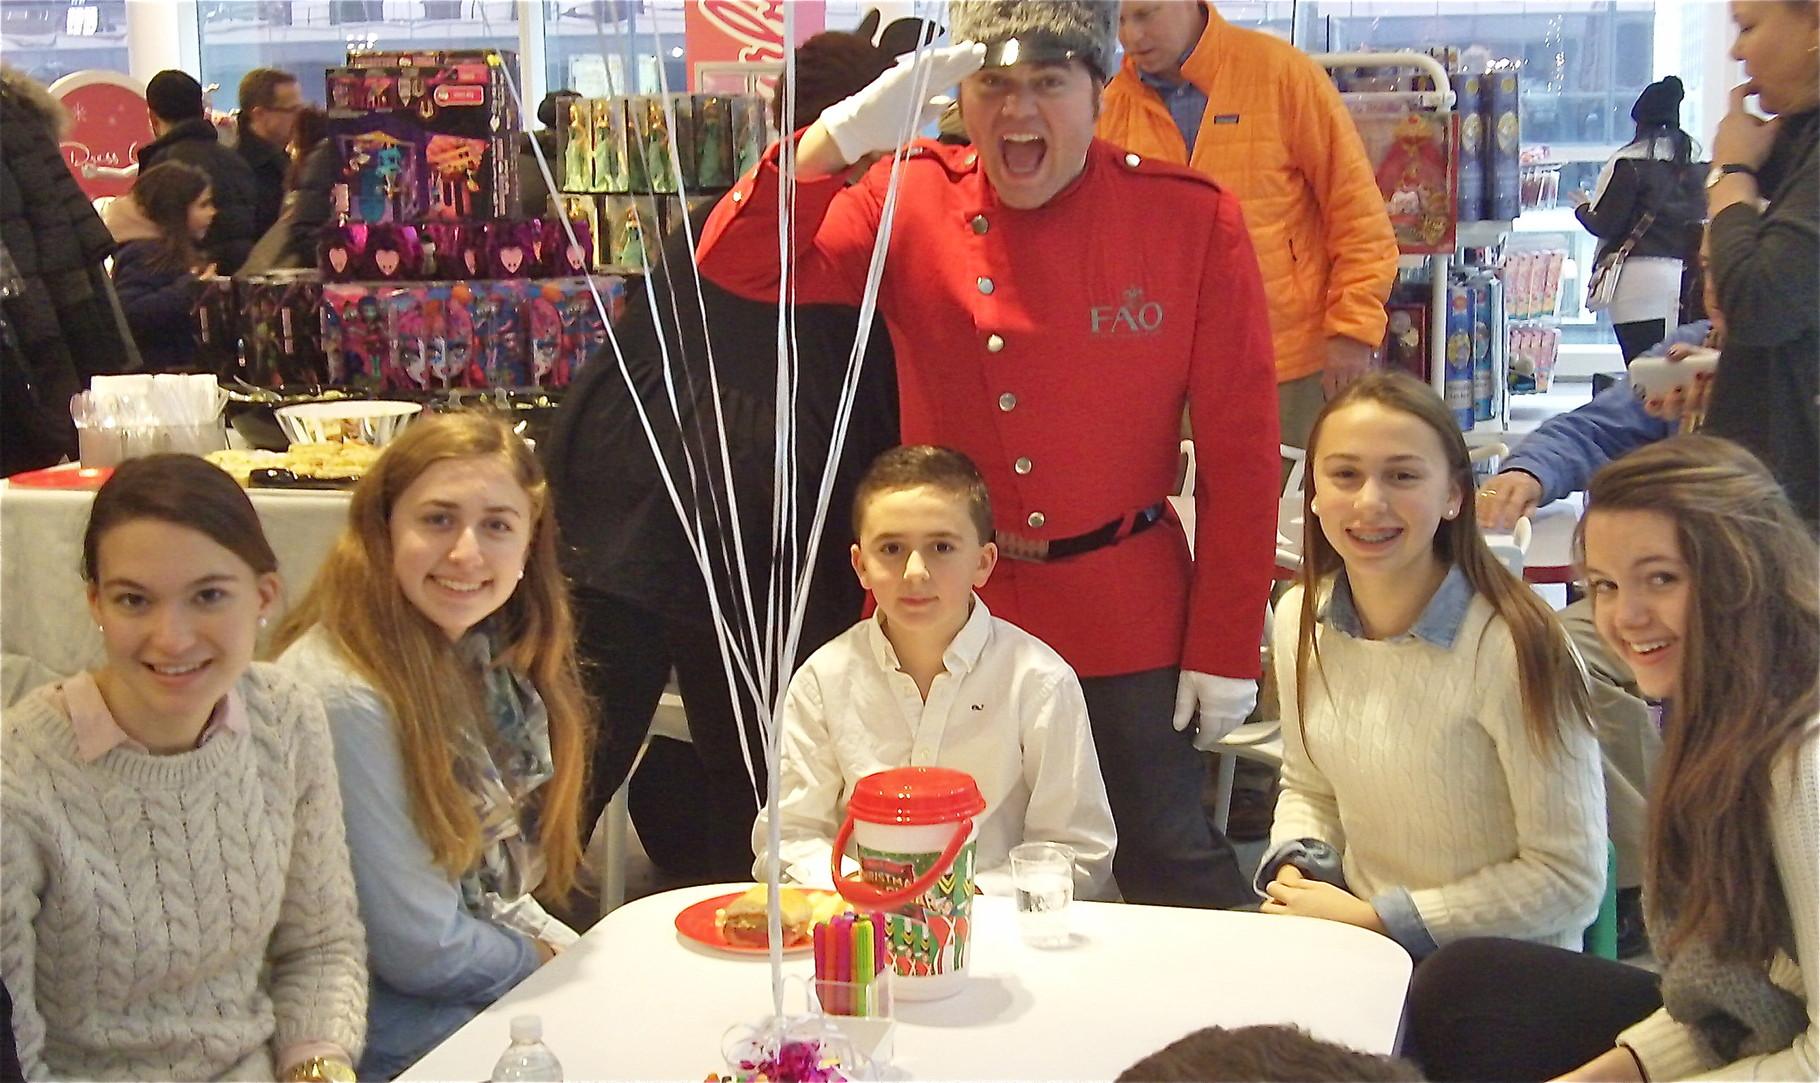 Ellie, Emma, Stuart 3d, Eric the FAO soldier, Gabby, Kate